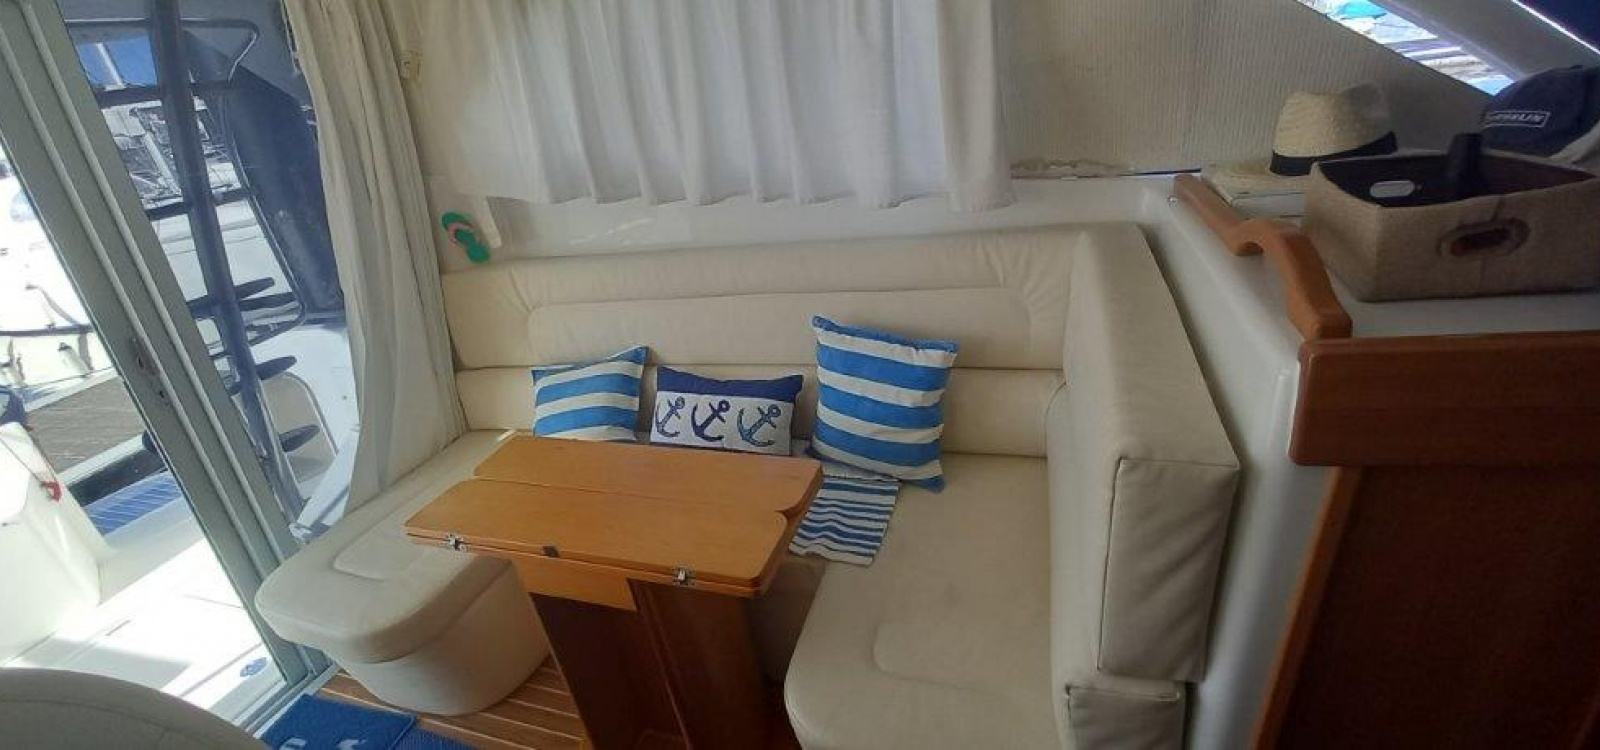 El Masnou,Barcelona,España,2 Habitaciones Habitaciones,1 BañoLavabos,Barco a motor,2160